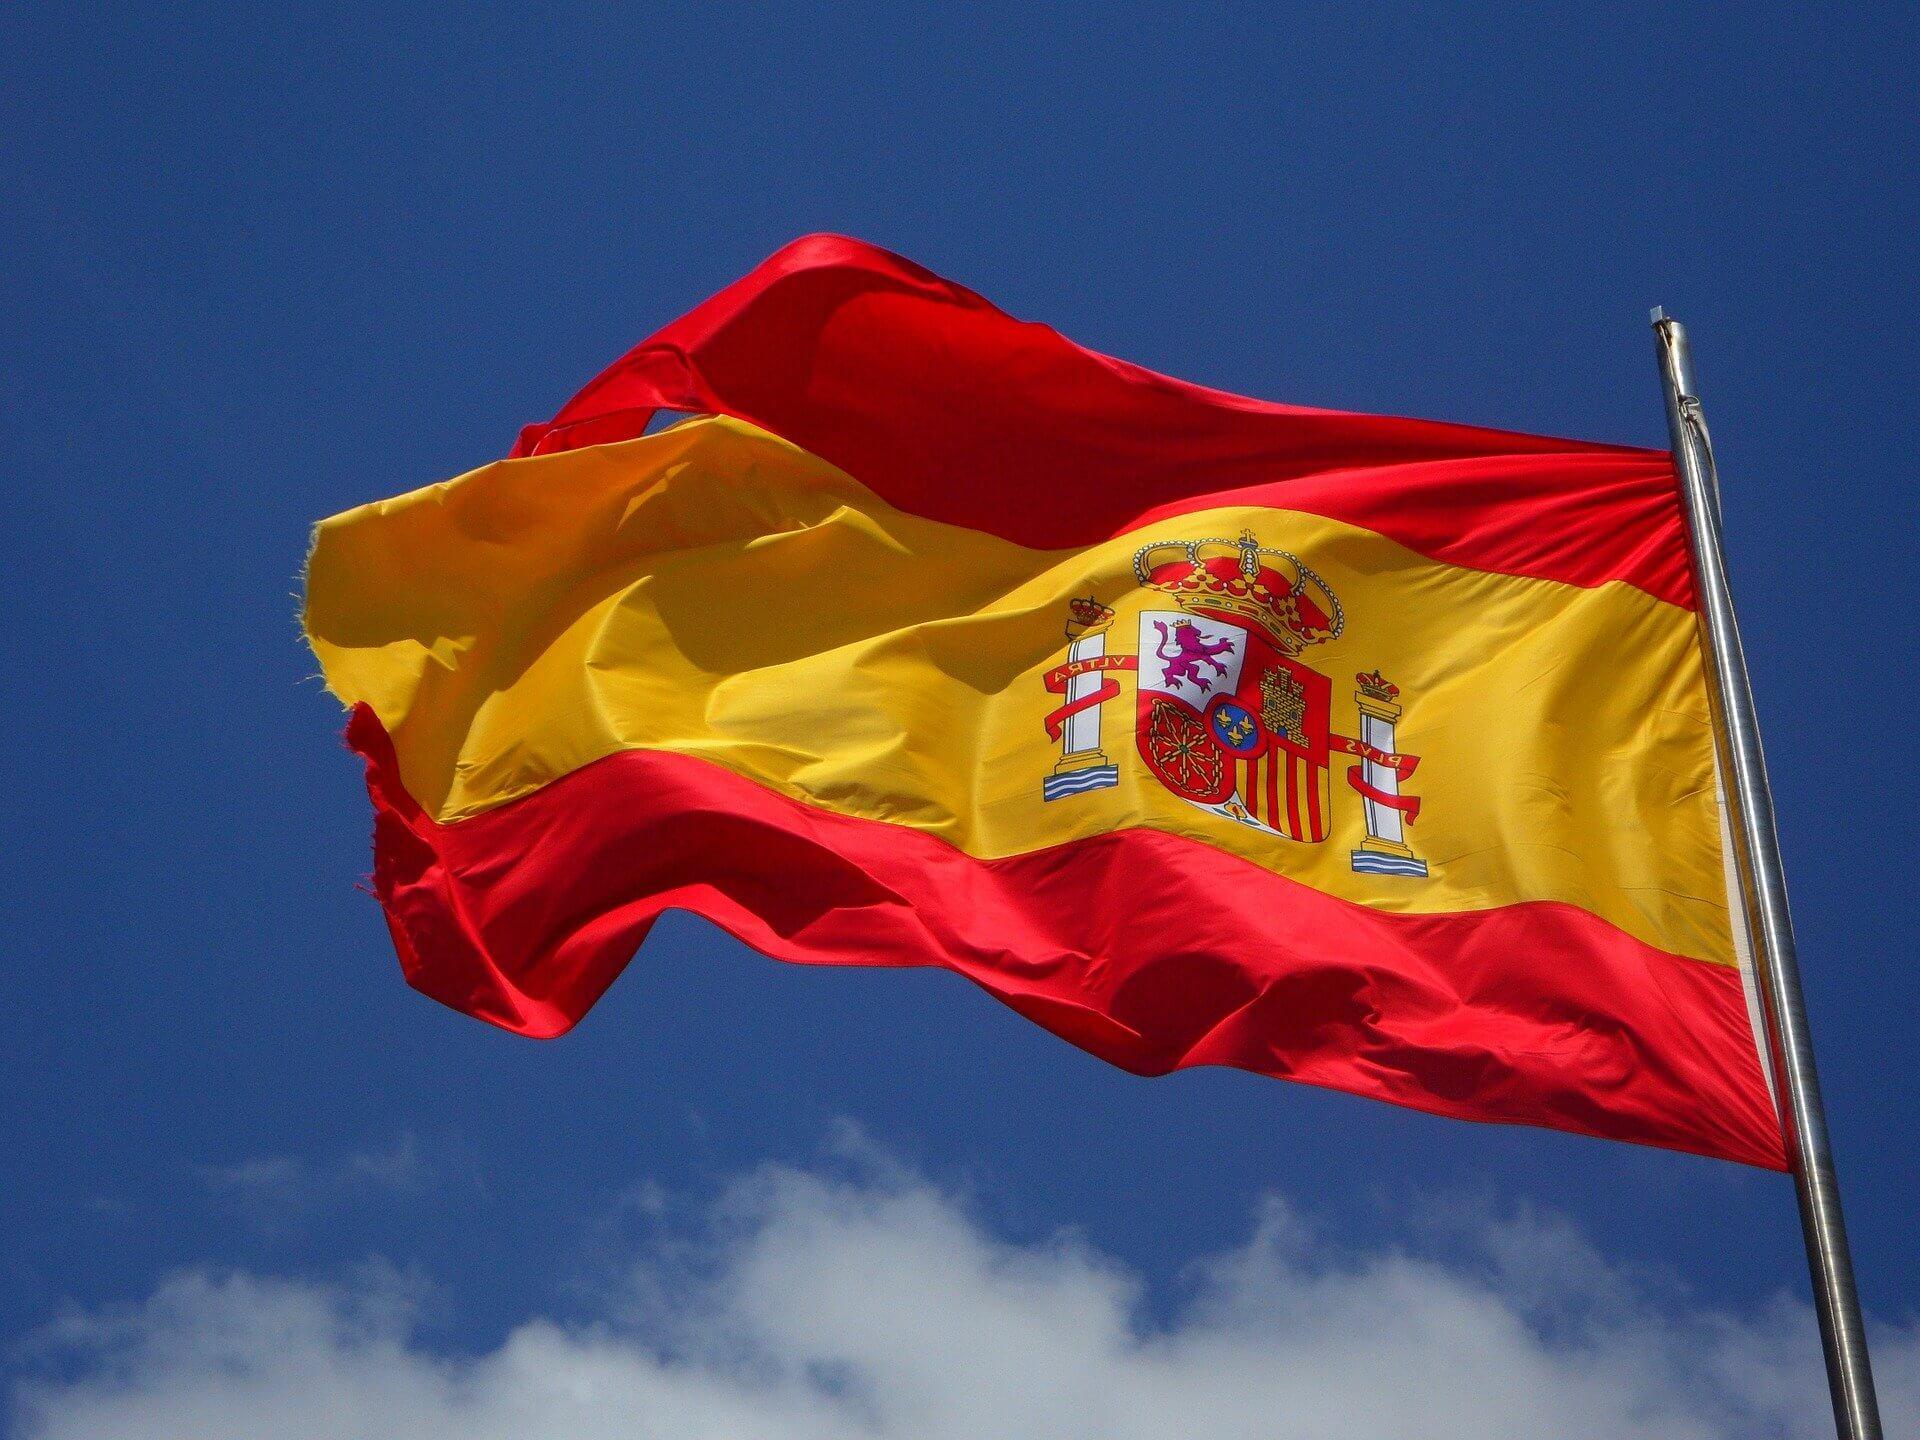 ارخص 8 جامعات من اجل الدراسة اسبانيا بأسعار معقولة